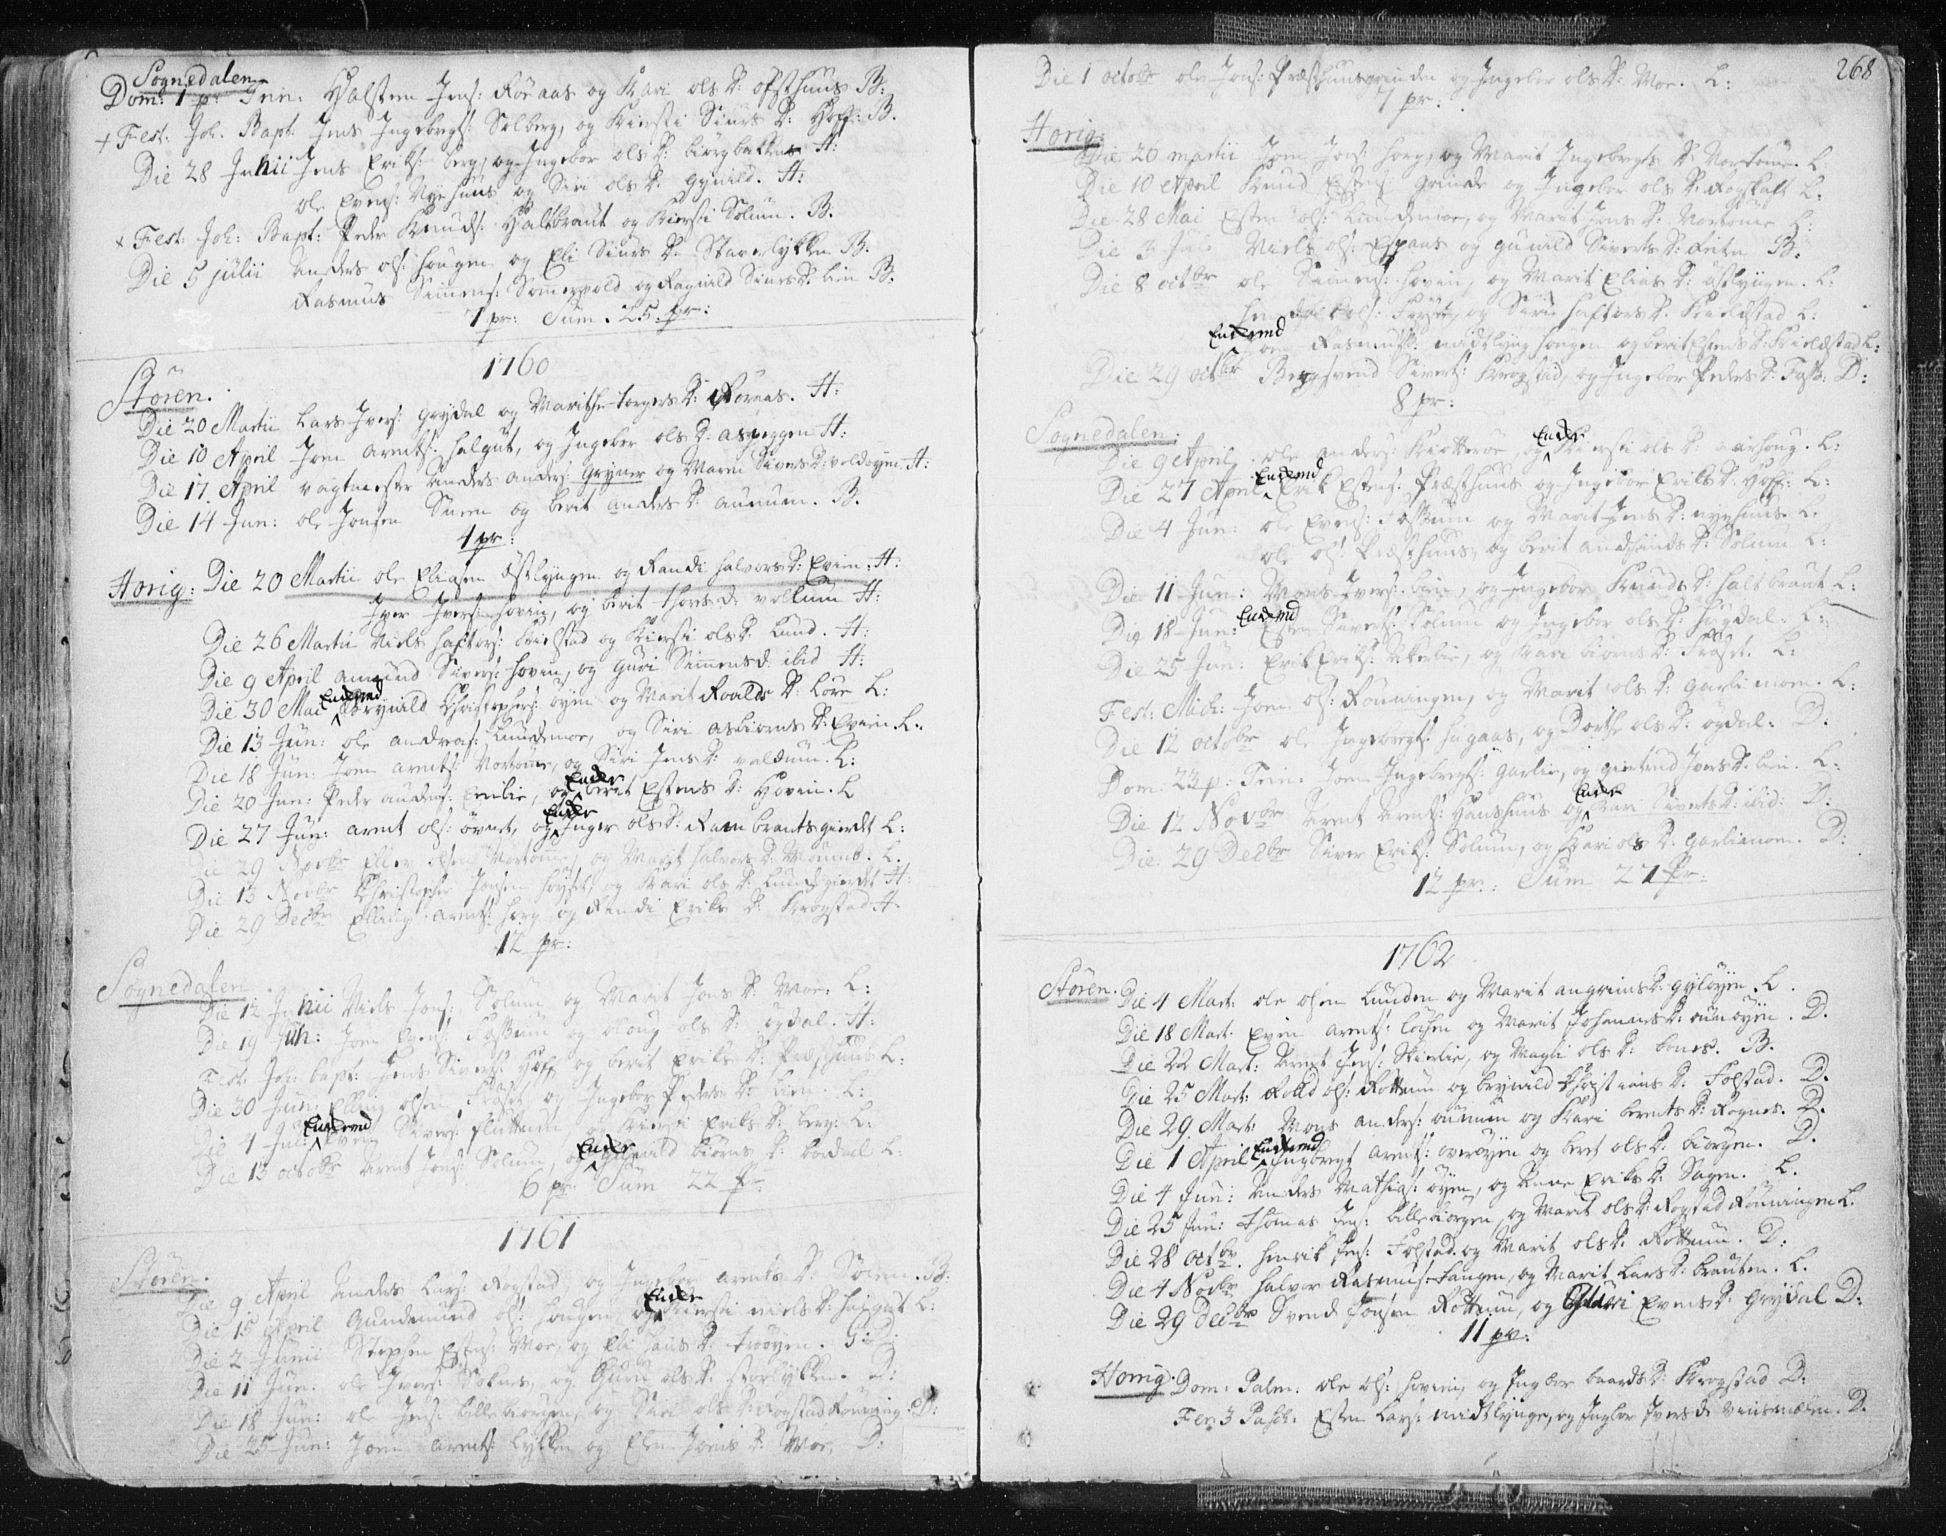 SAT, Ministerialprotokoller, klokkerbøker og fødselsregistre - Sør-Trøndelag, 687/L0991: Ministerialbok nr. 687A02, 1747-1790, s. 268